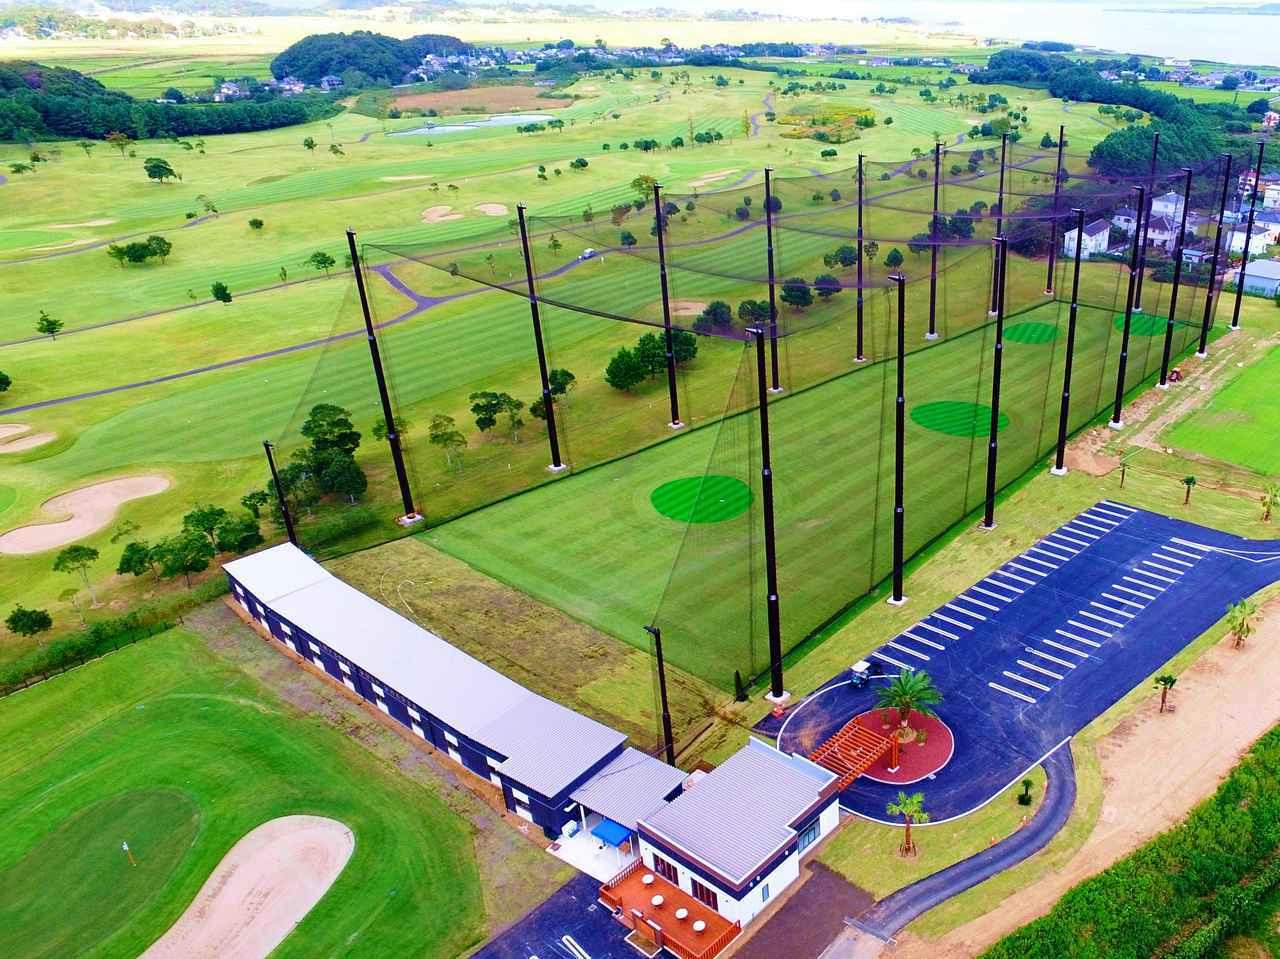 画像: 「ザ・インペリアルカントリークラブ」の練習施設